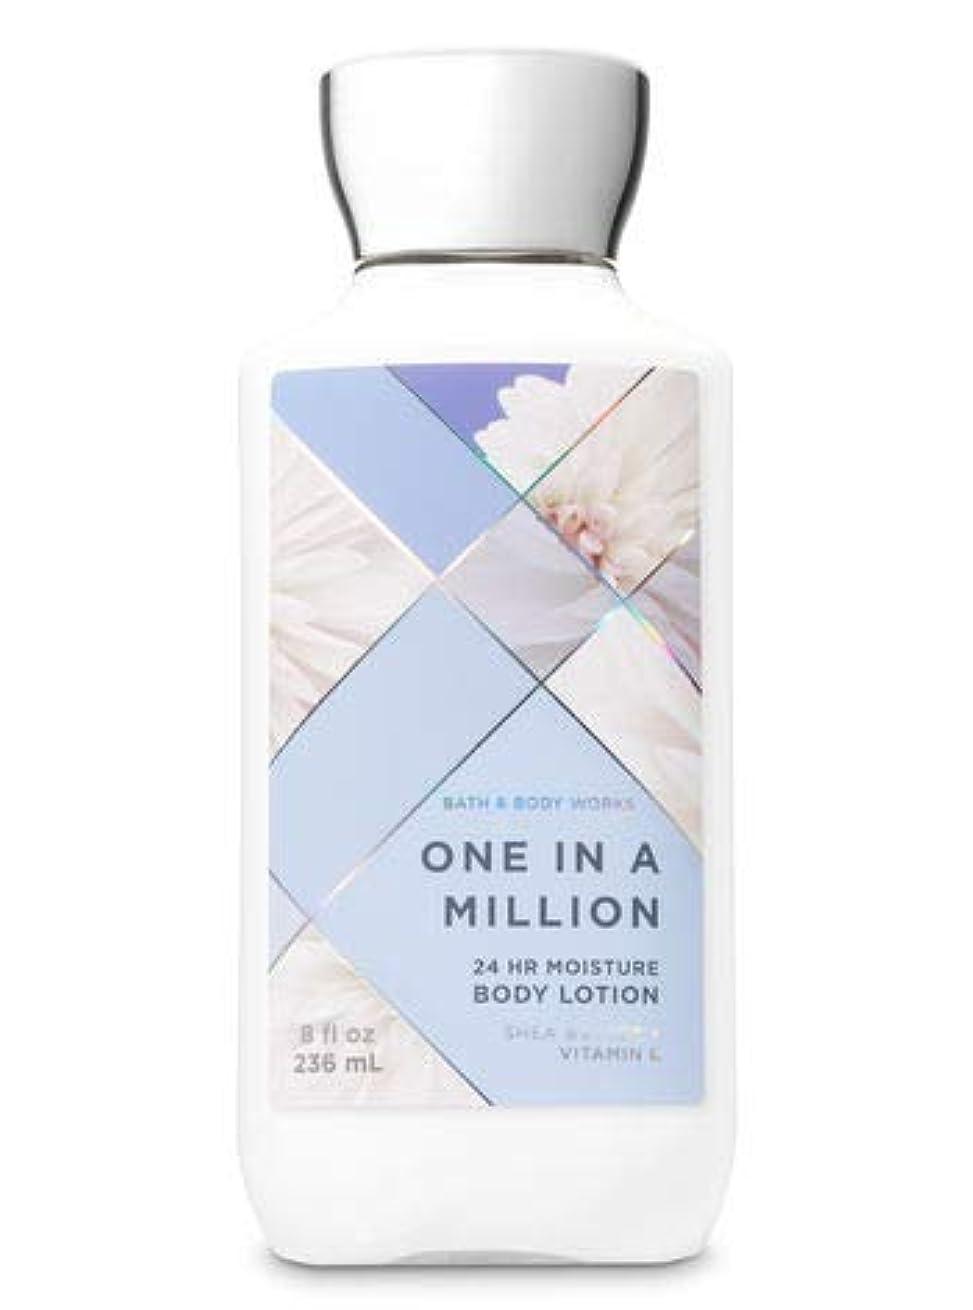 ヒント未亡人回復【Bath&Body Works/バス&ボディワークス】 ボディローション ワンインアミリオン Super Smooth Body Lotion One in a Million 8 fl oz / 236 mL [並行輸入品]